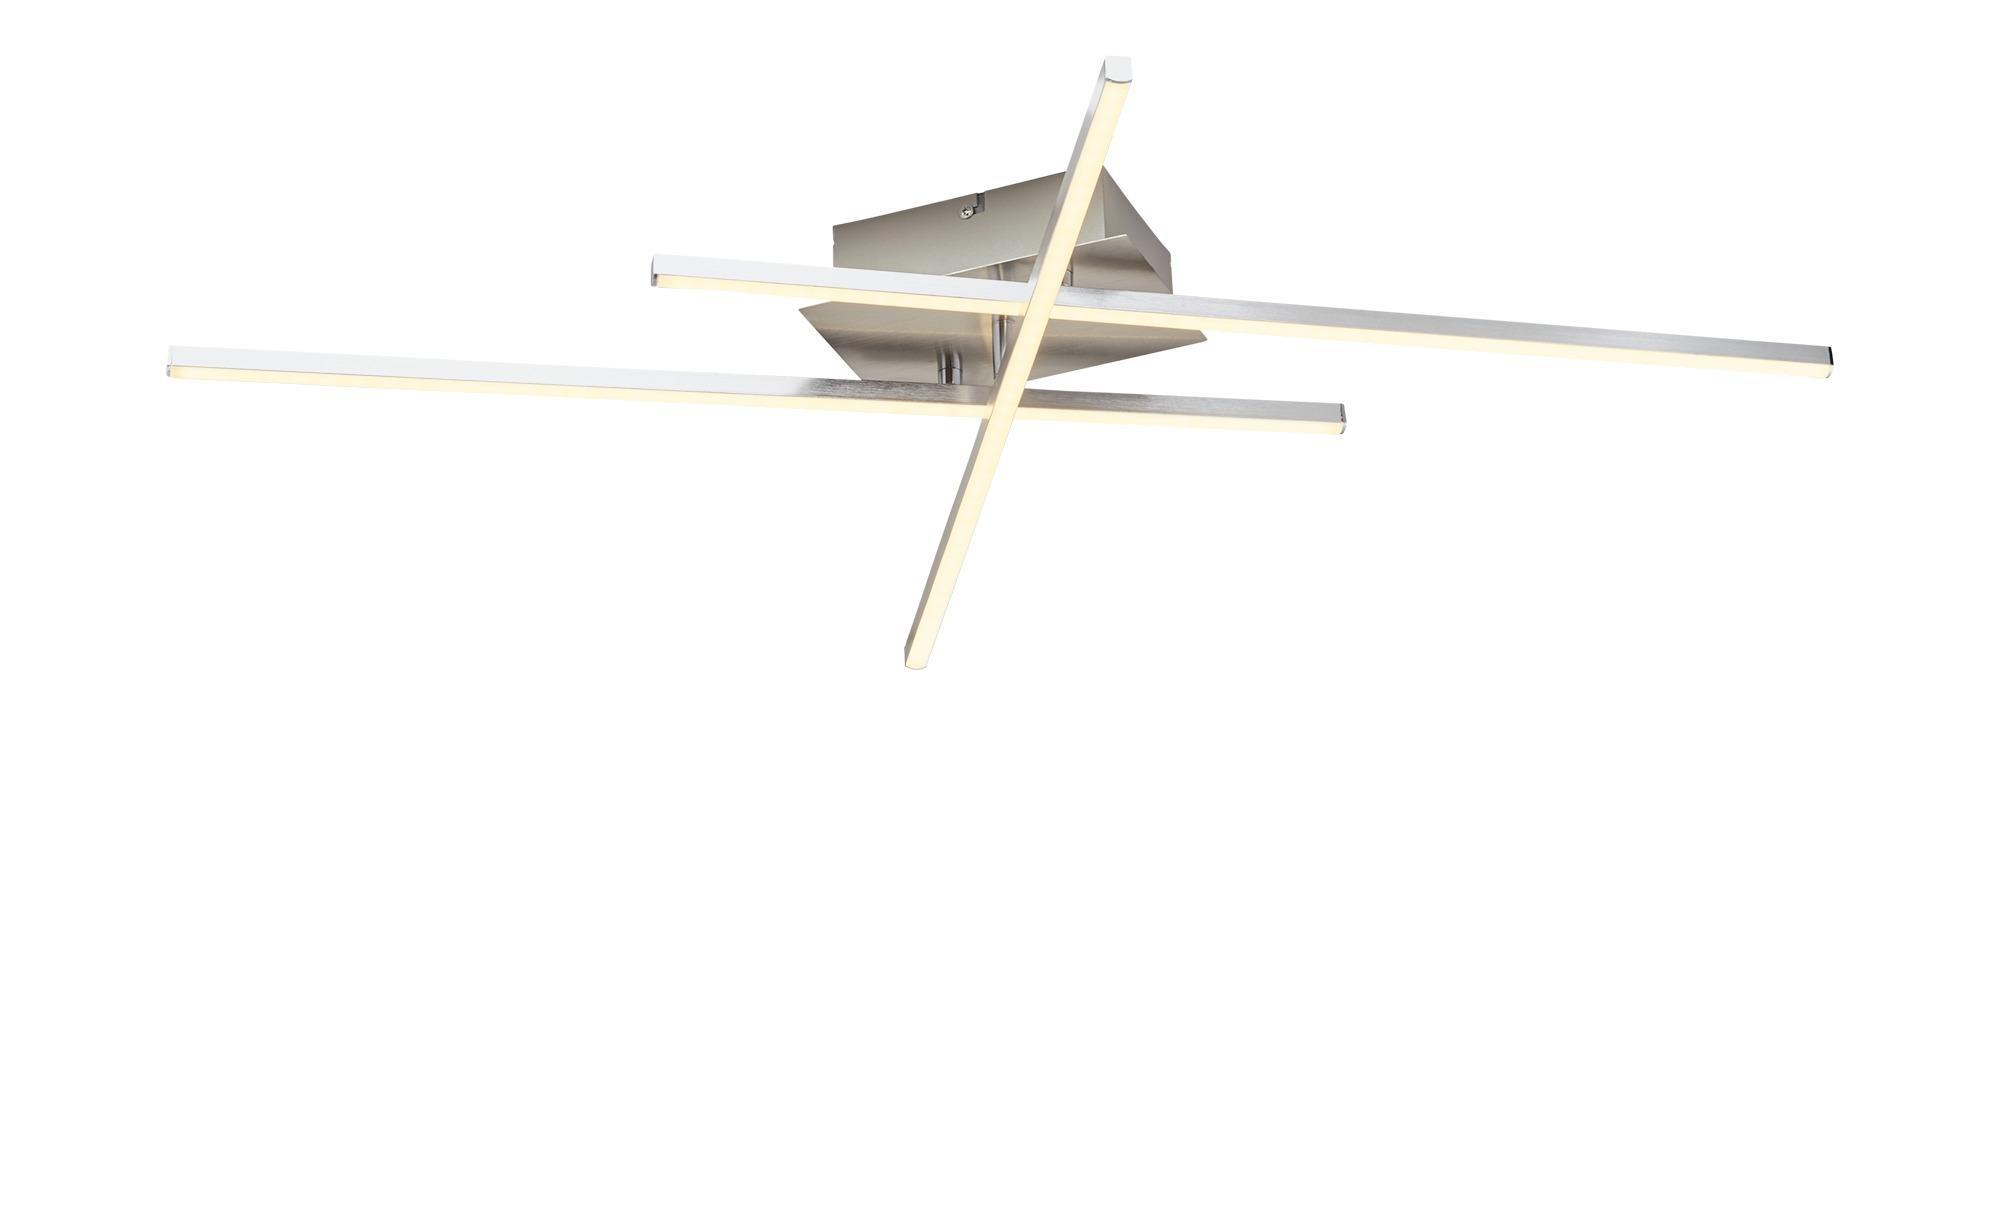 KHG LED-Deckenleuchte, 3-flammig nickel matt ¦ silber ¦ Maße (cm): B: 12 H: 8 Lampen & Leuchten > Innenleuchten > Deckenleuchten - Höffner